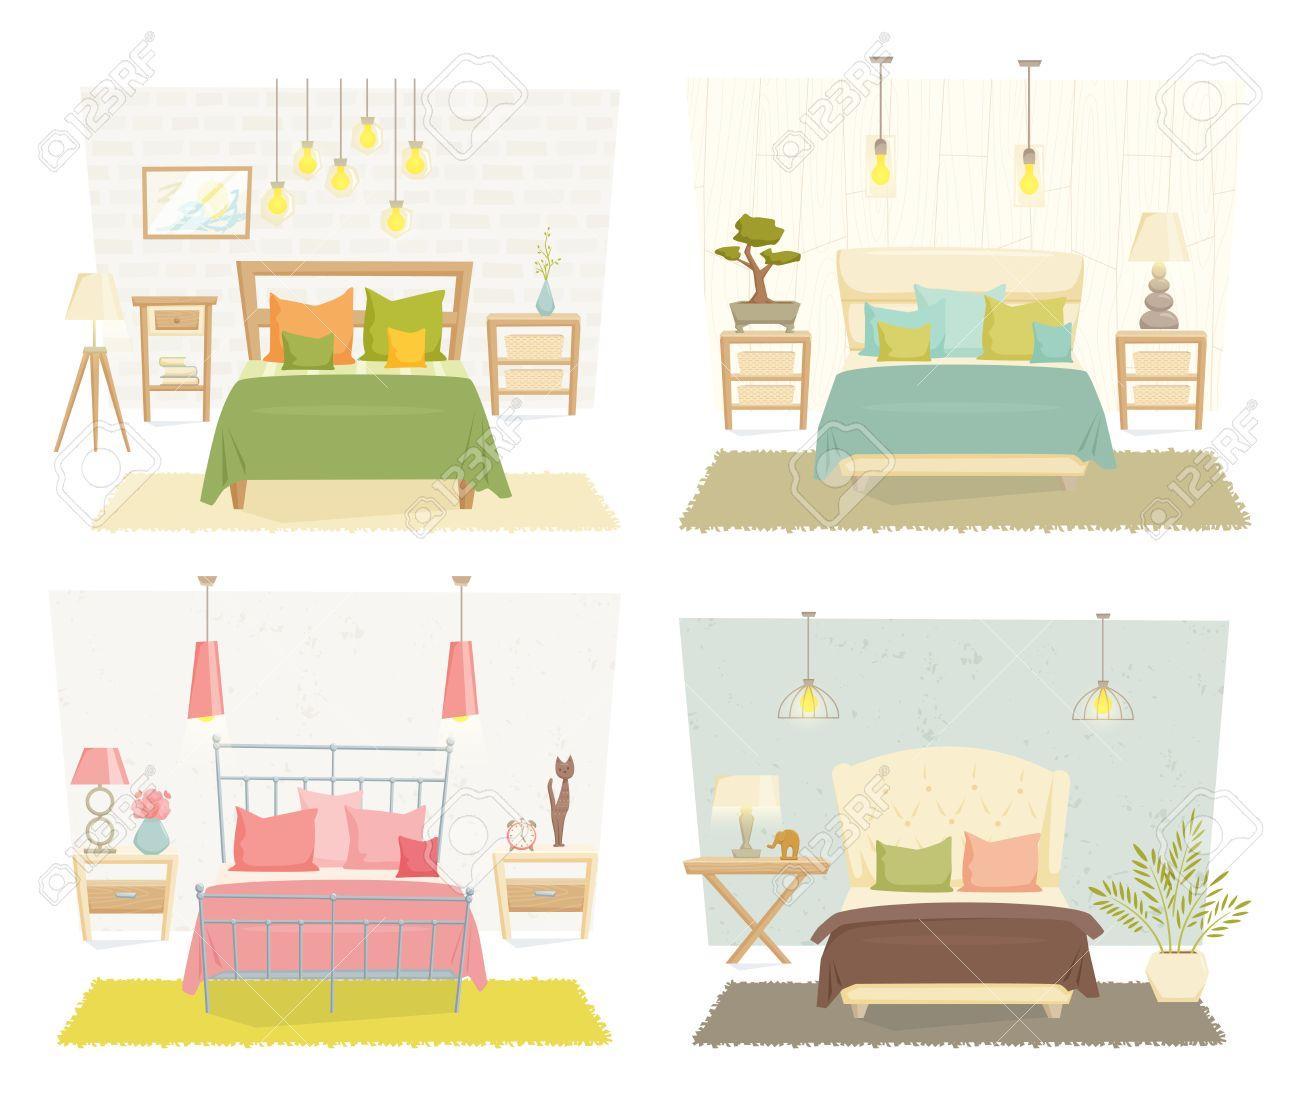 Schlafzimmer Interieur Mit Möbeln Und Dekor-Set. Schlafzimmer ...